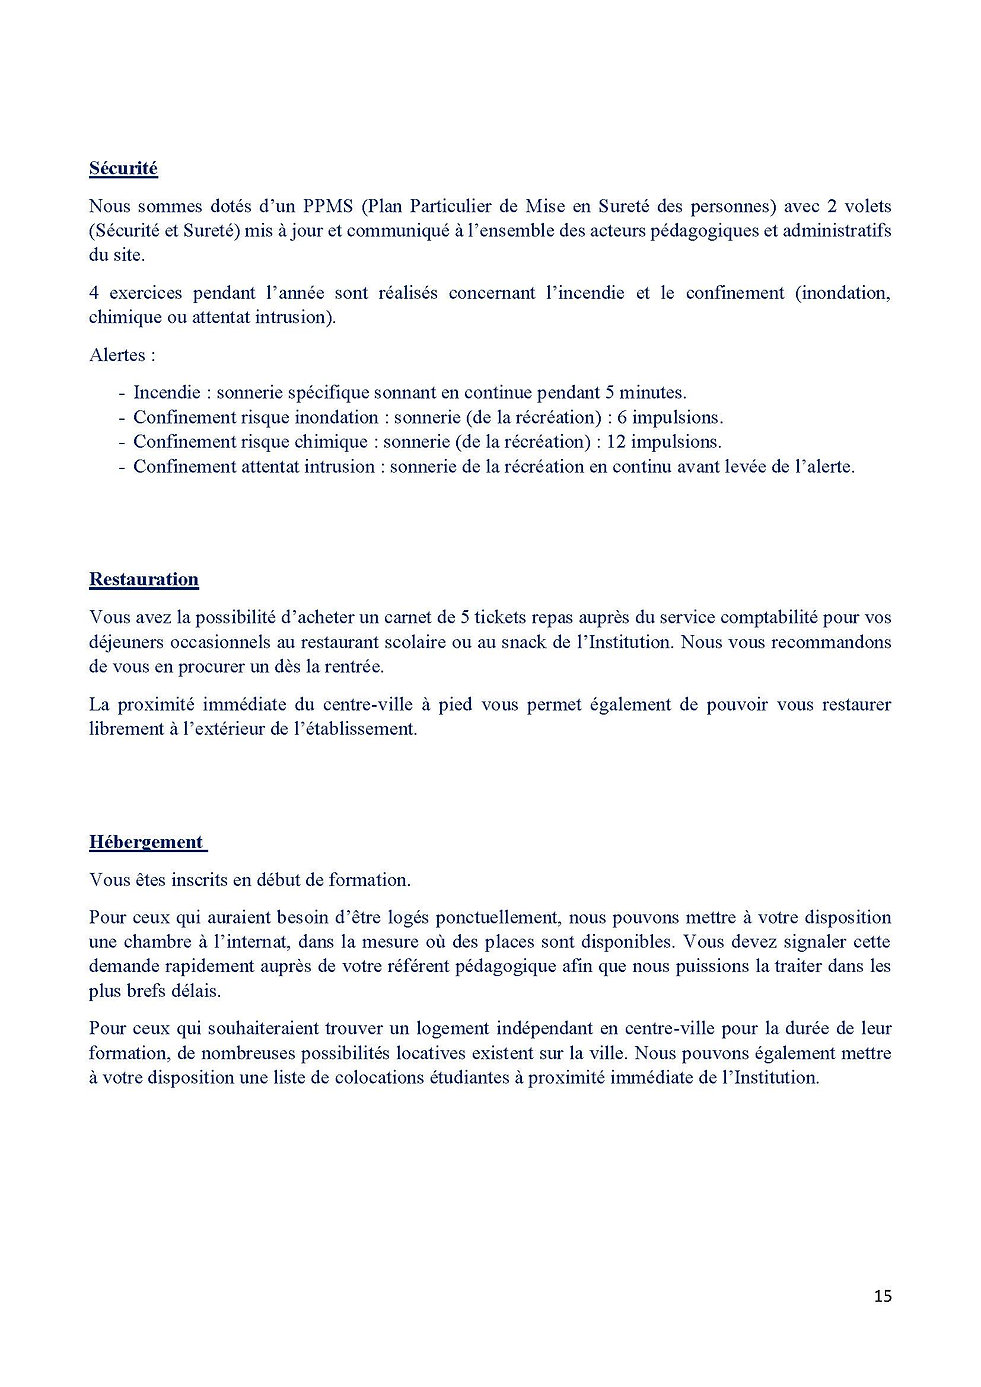 LIVRET D'ACCUEIL BTS CI_Page_15.jpg